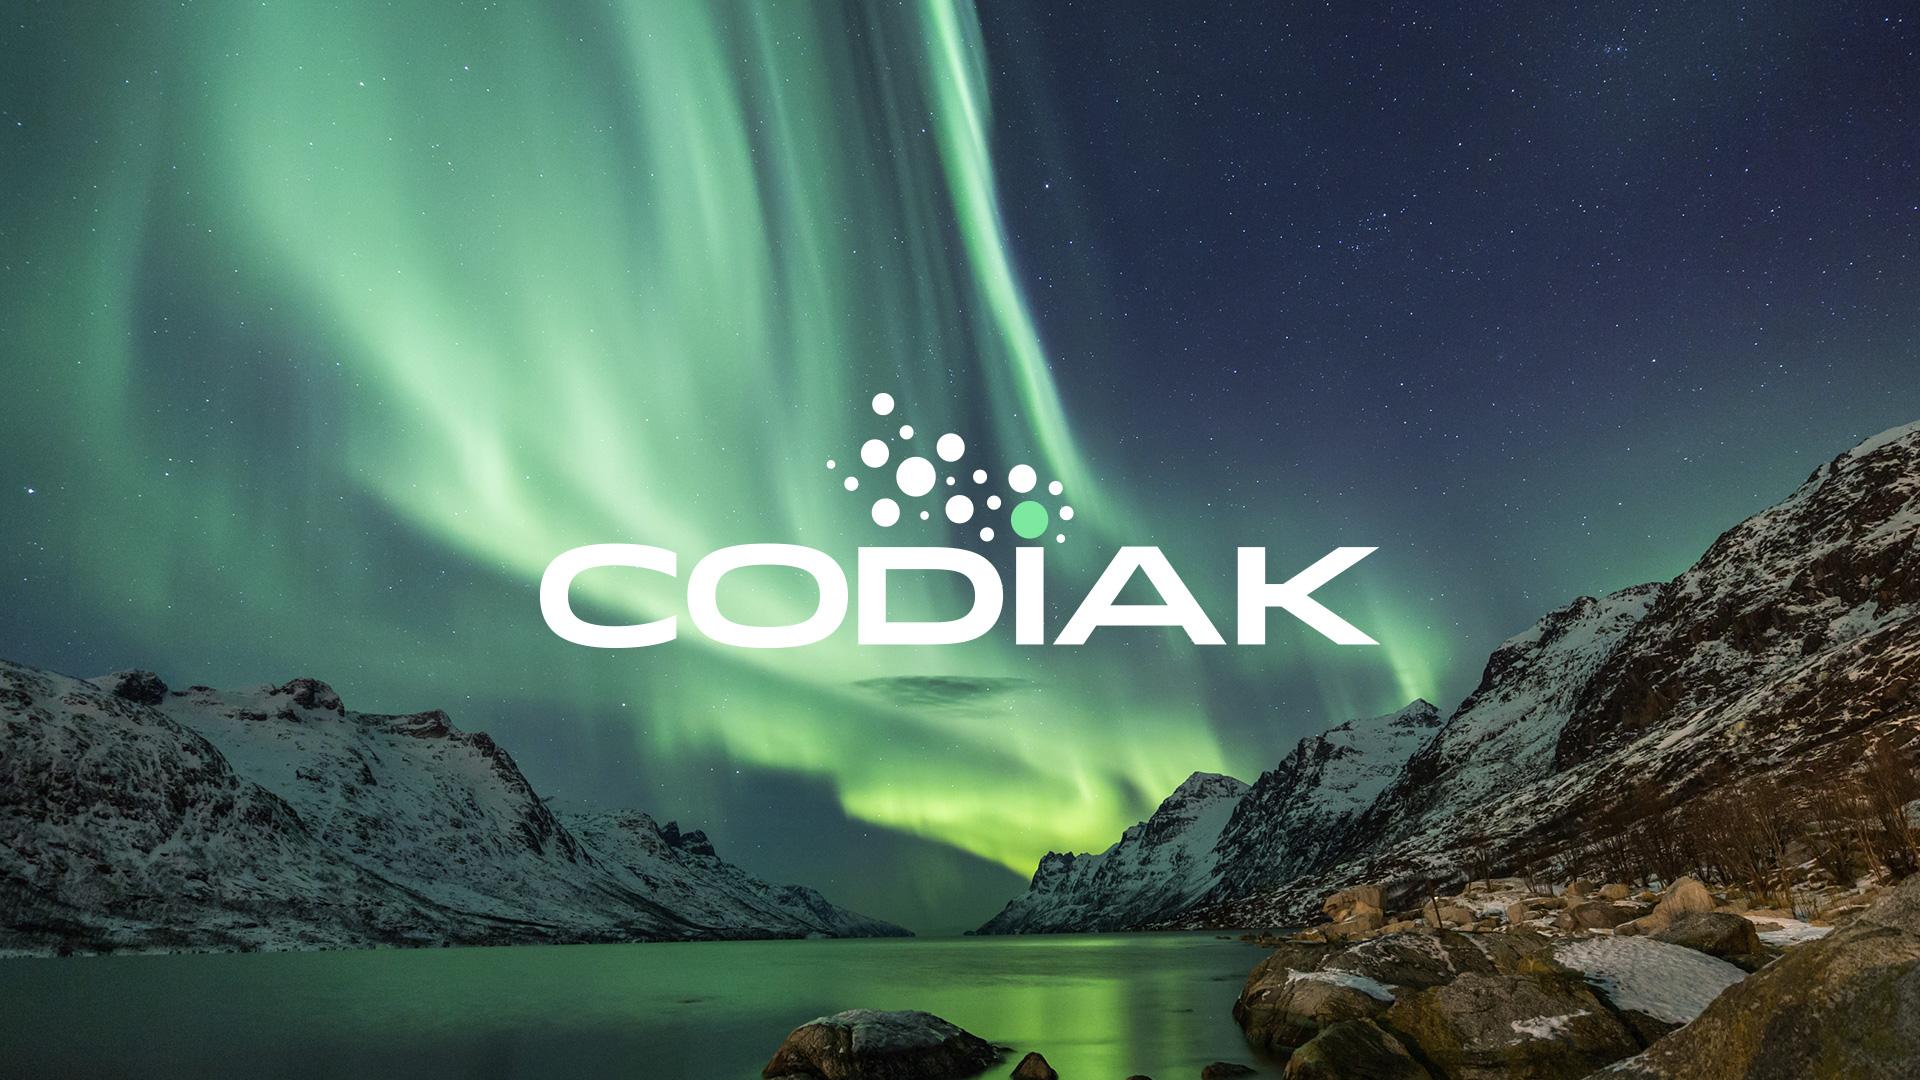 Codiak